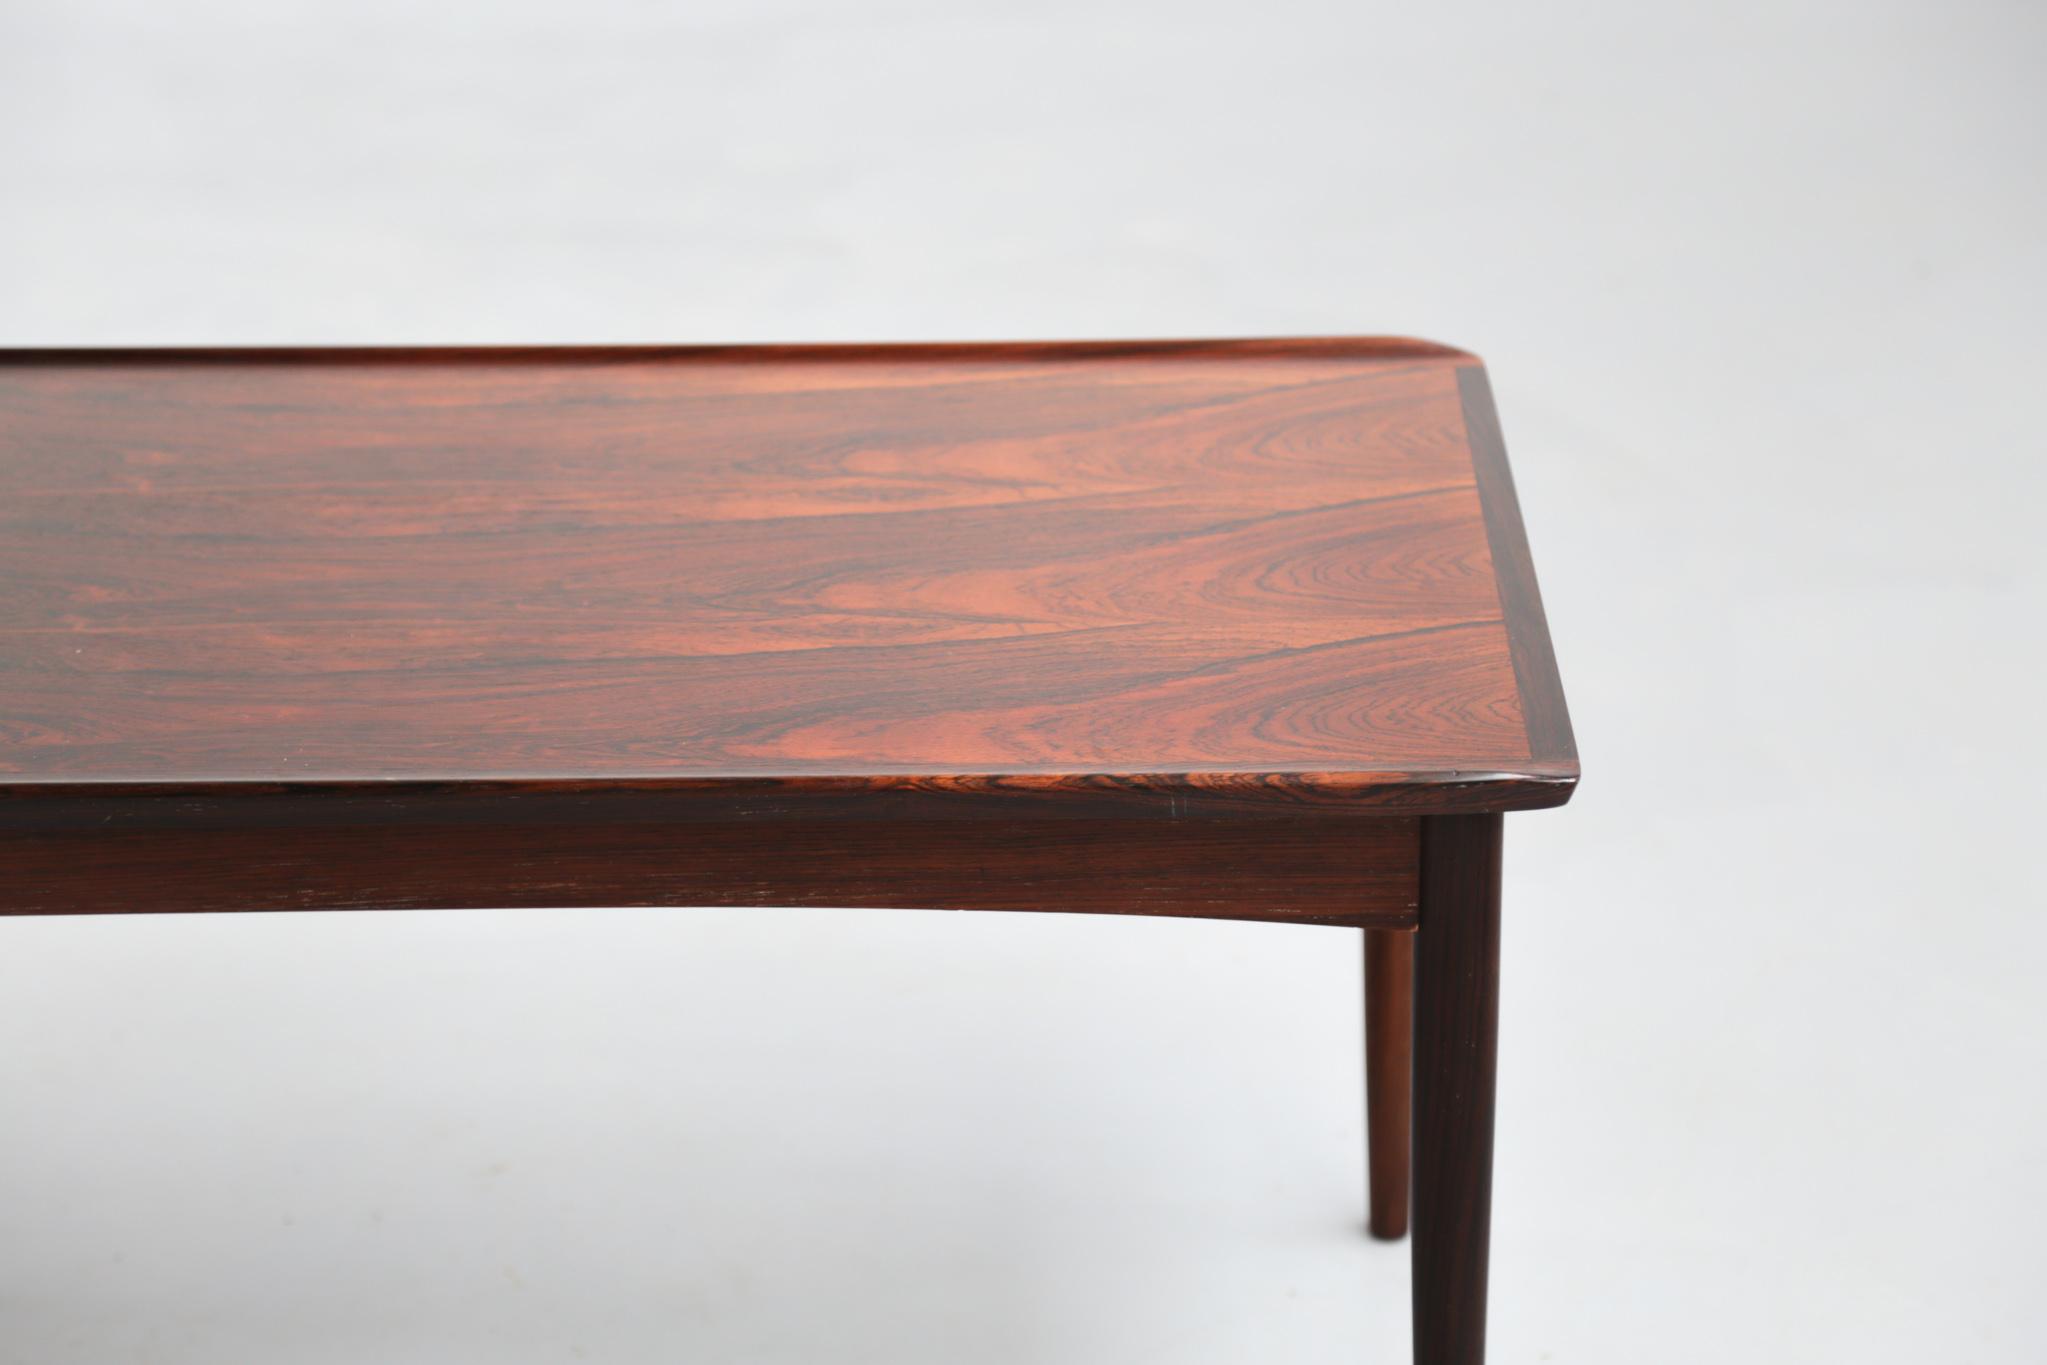 Petite table basse danoise en palissandre de rio - Table en palissandre massif ...